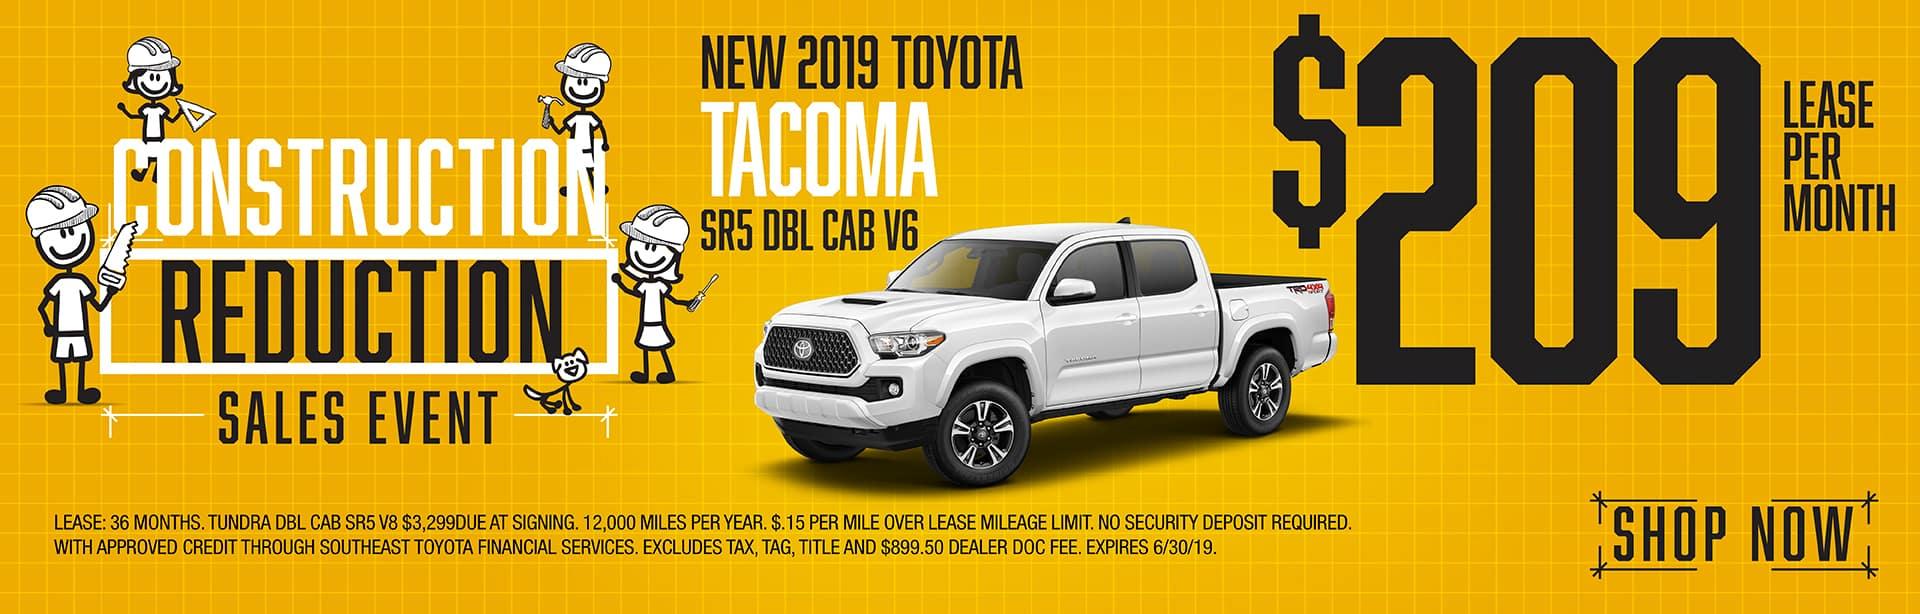 2019 Tacoma